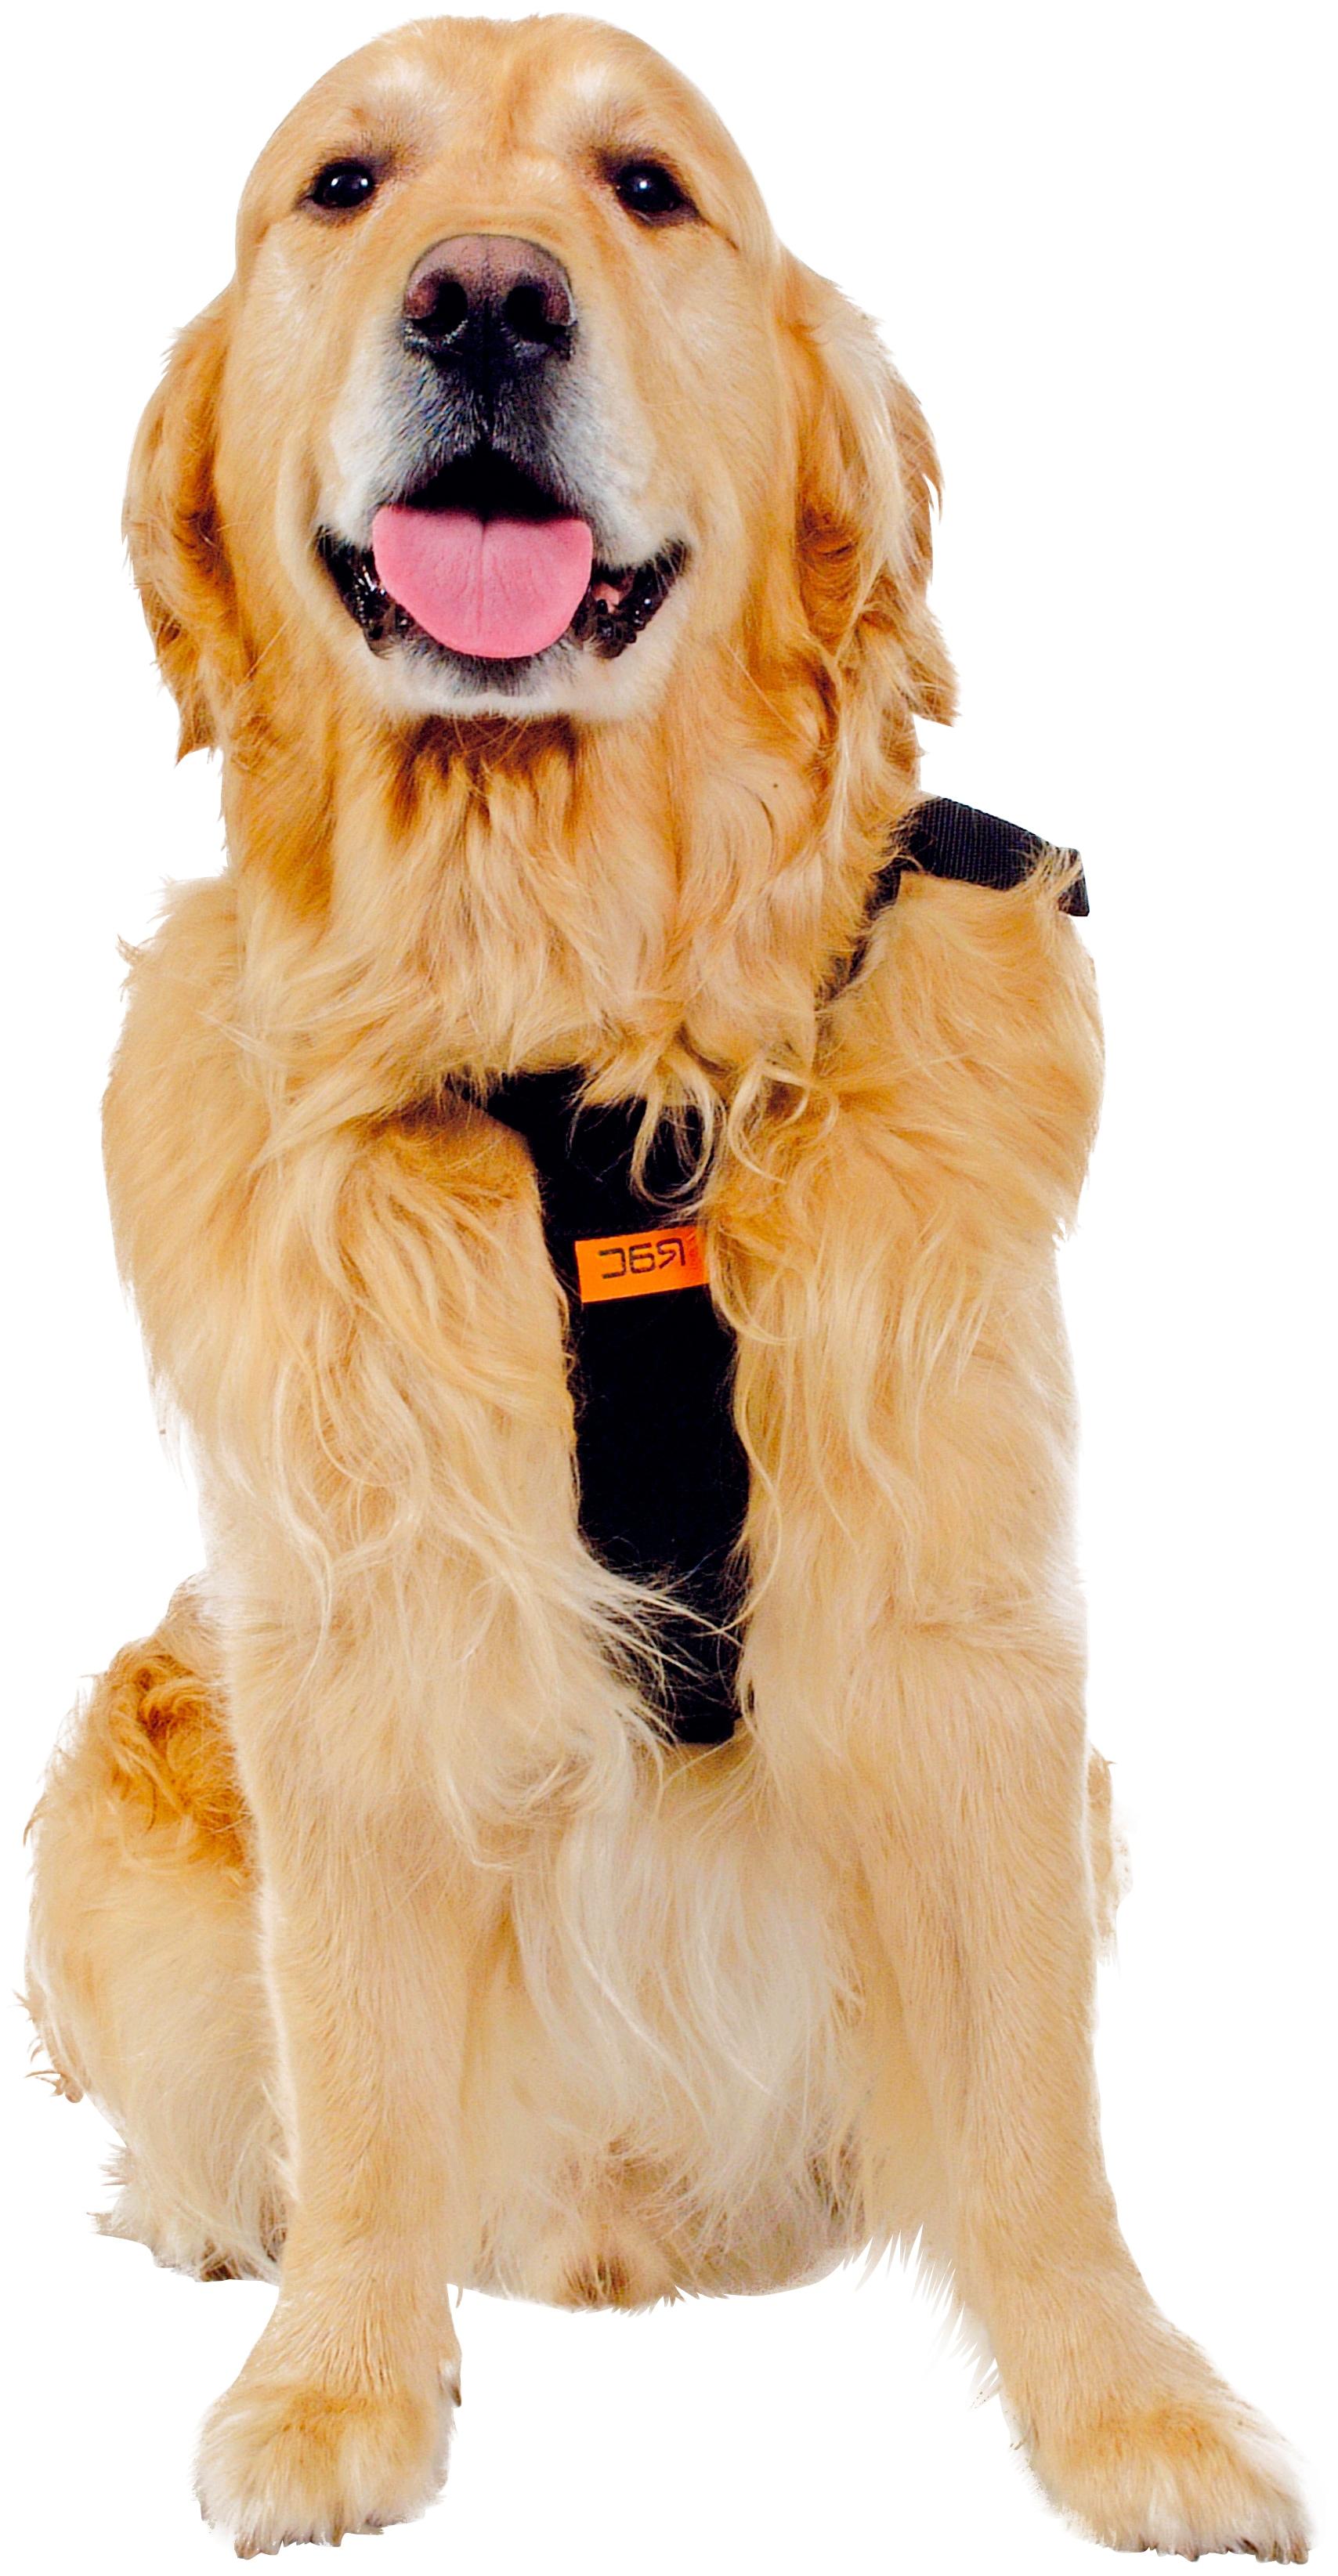 HEIM Hunde-Sicherheitsgeschirr, Polyester schwarz Hundetransport Hund Tierbedarf Hunde-Sicherheitsgeschirr